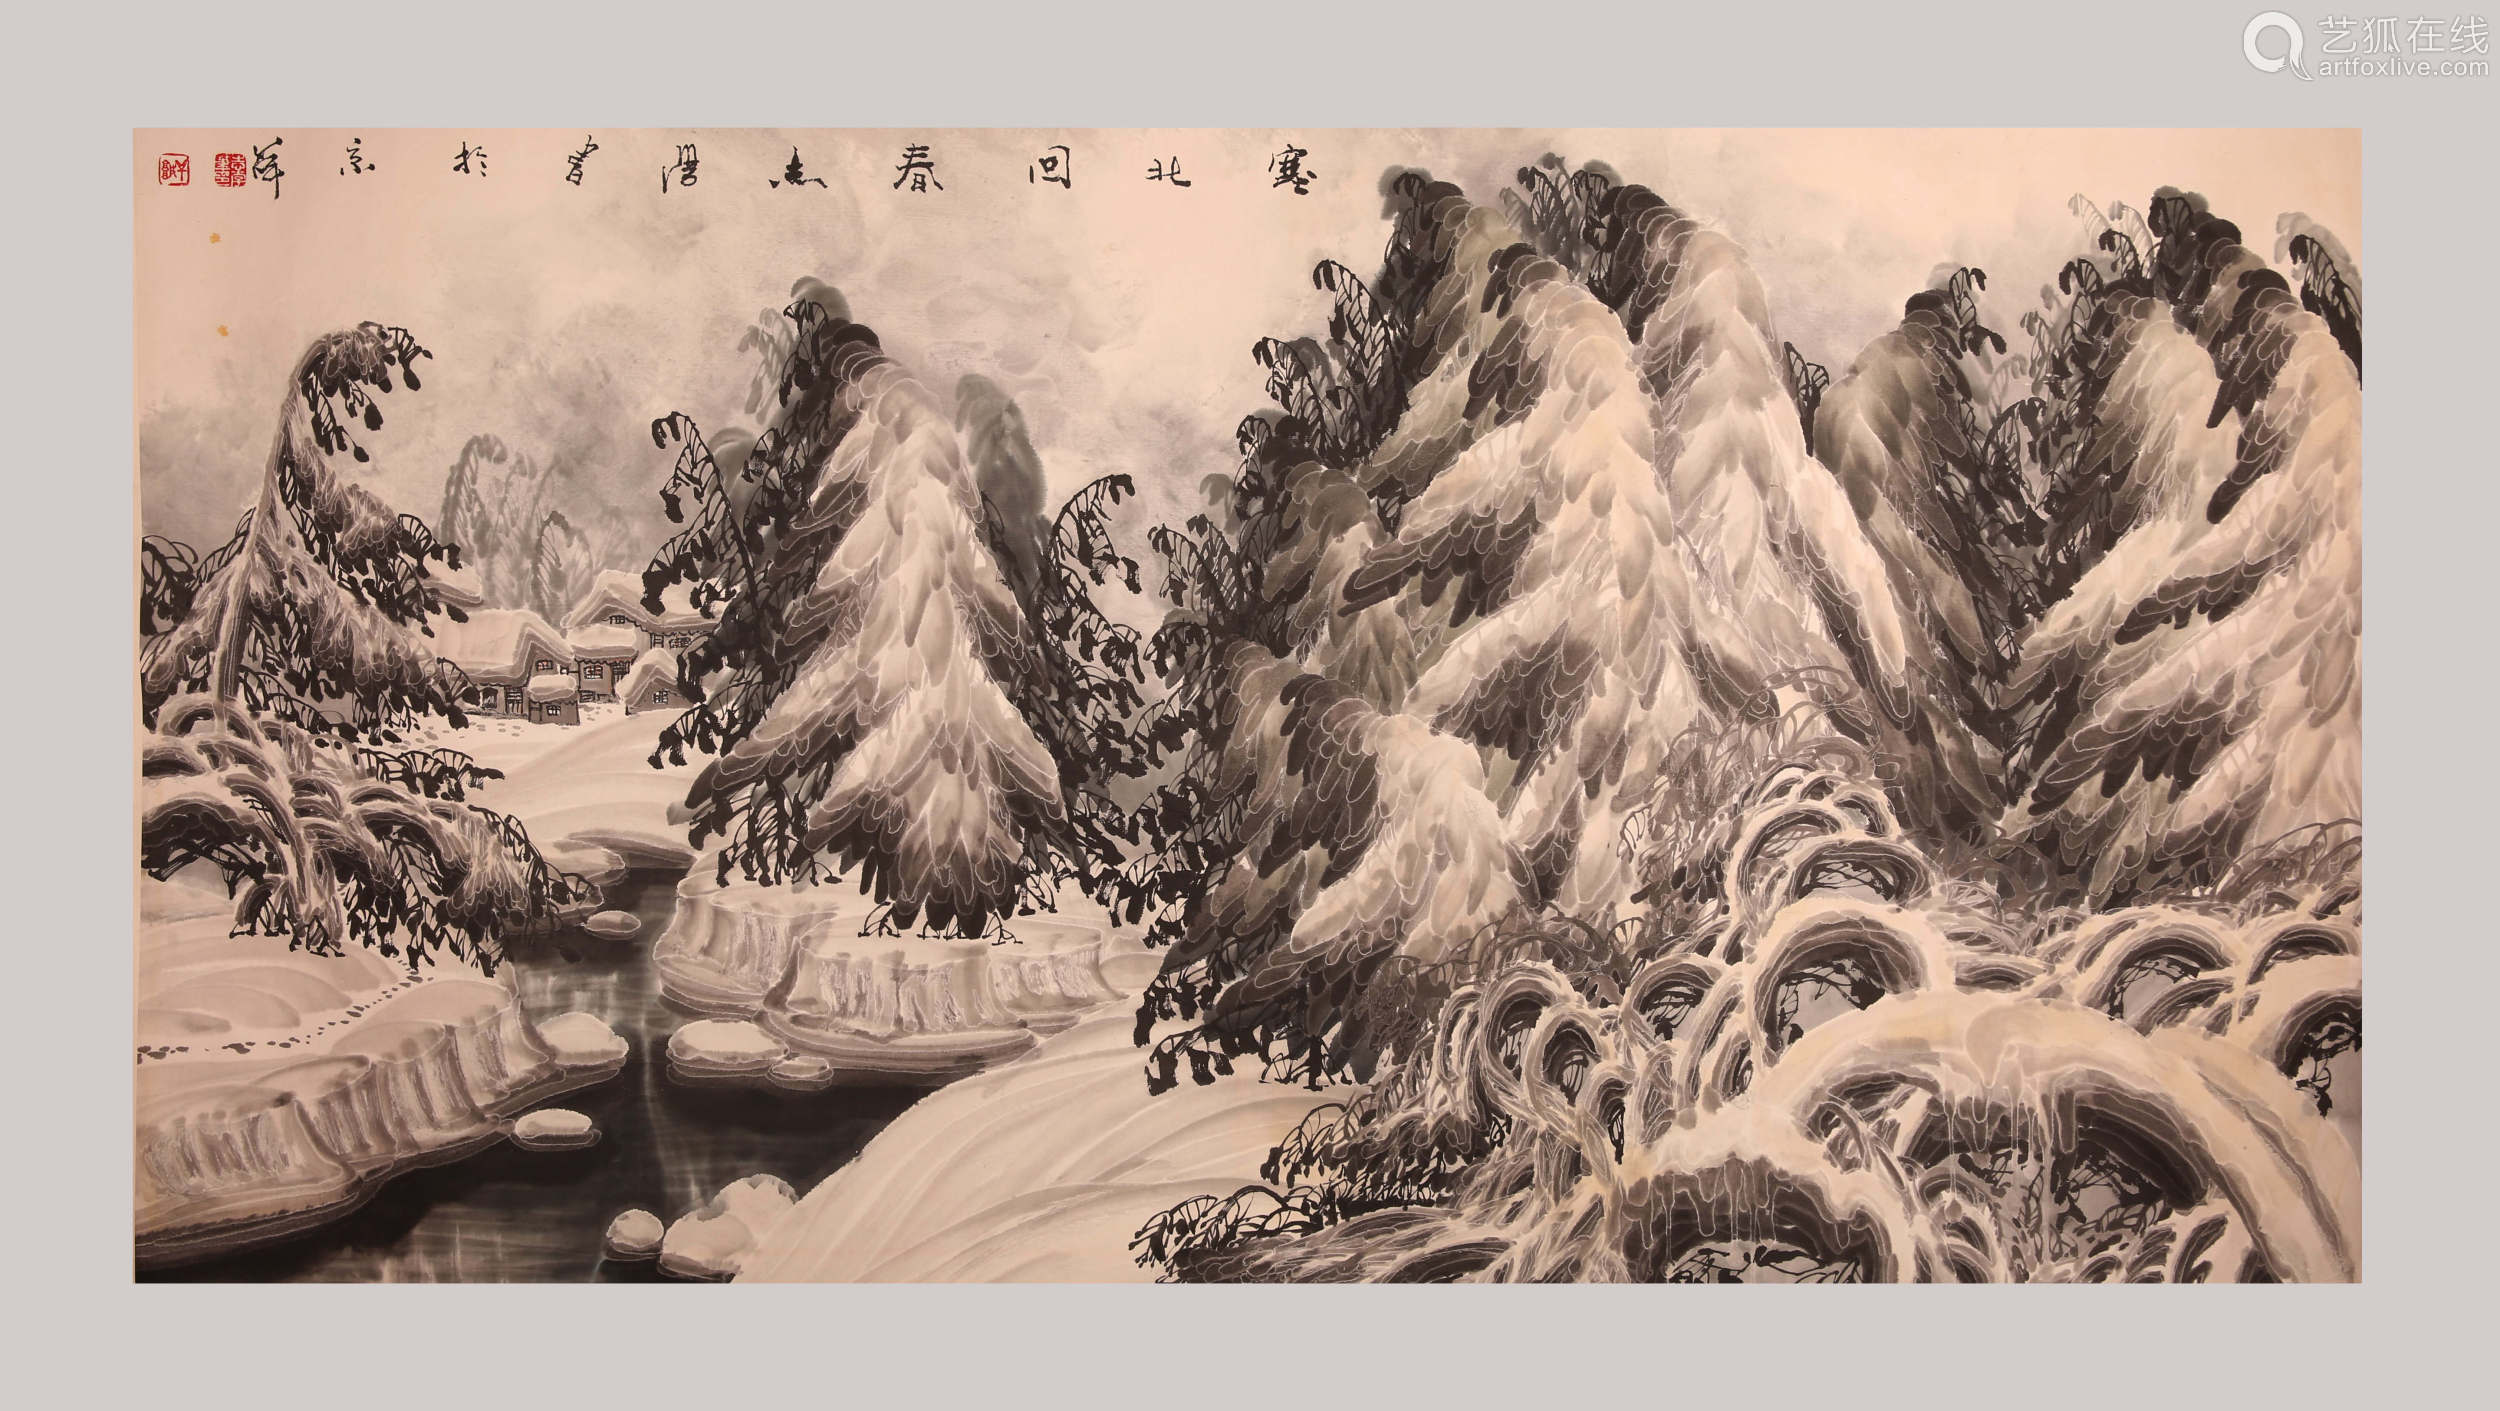 天天拍 《墨研清露》—中国书画专场 > 于志学(冰雪山水)